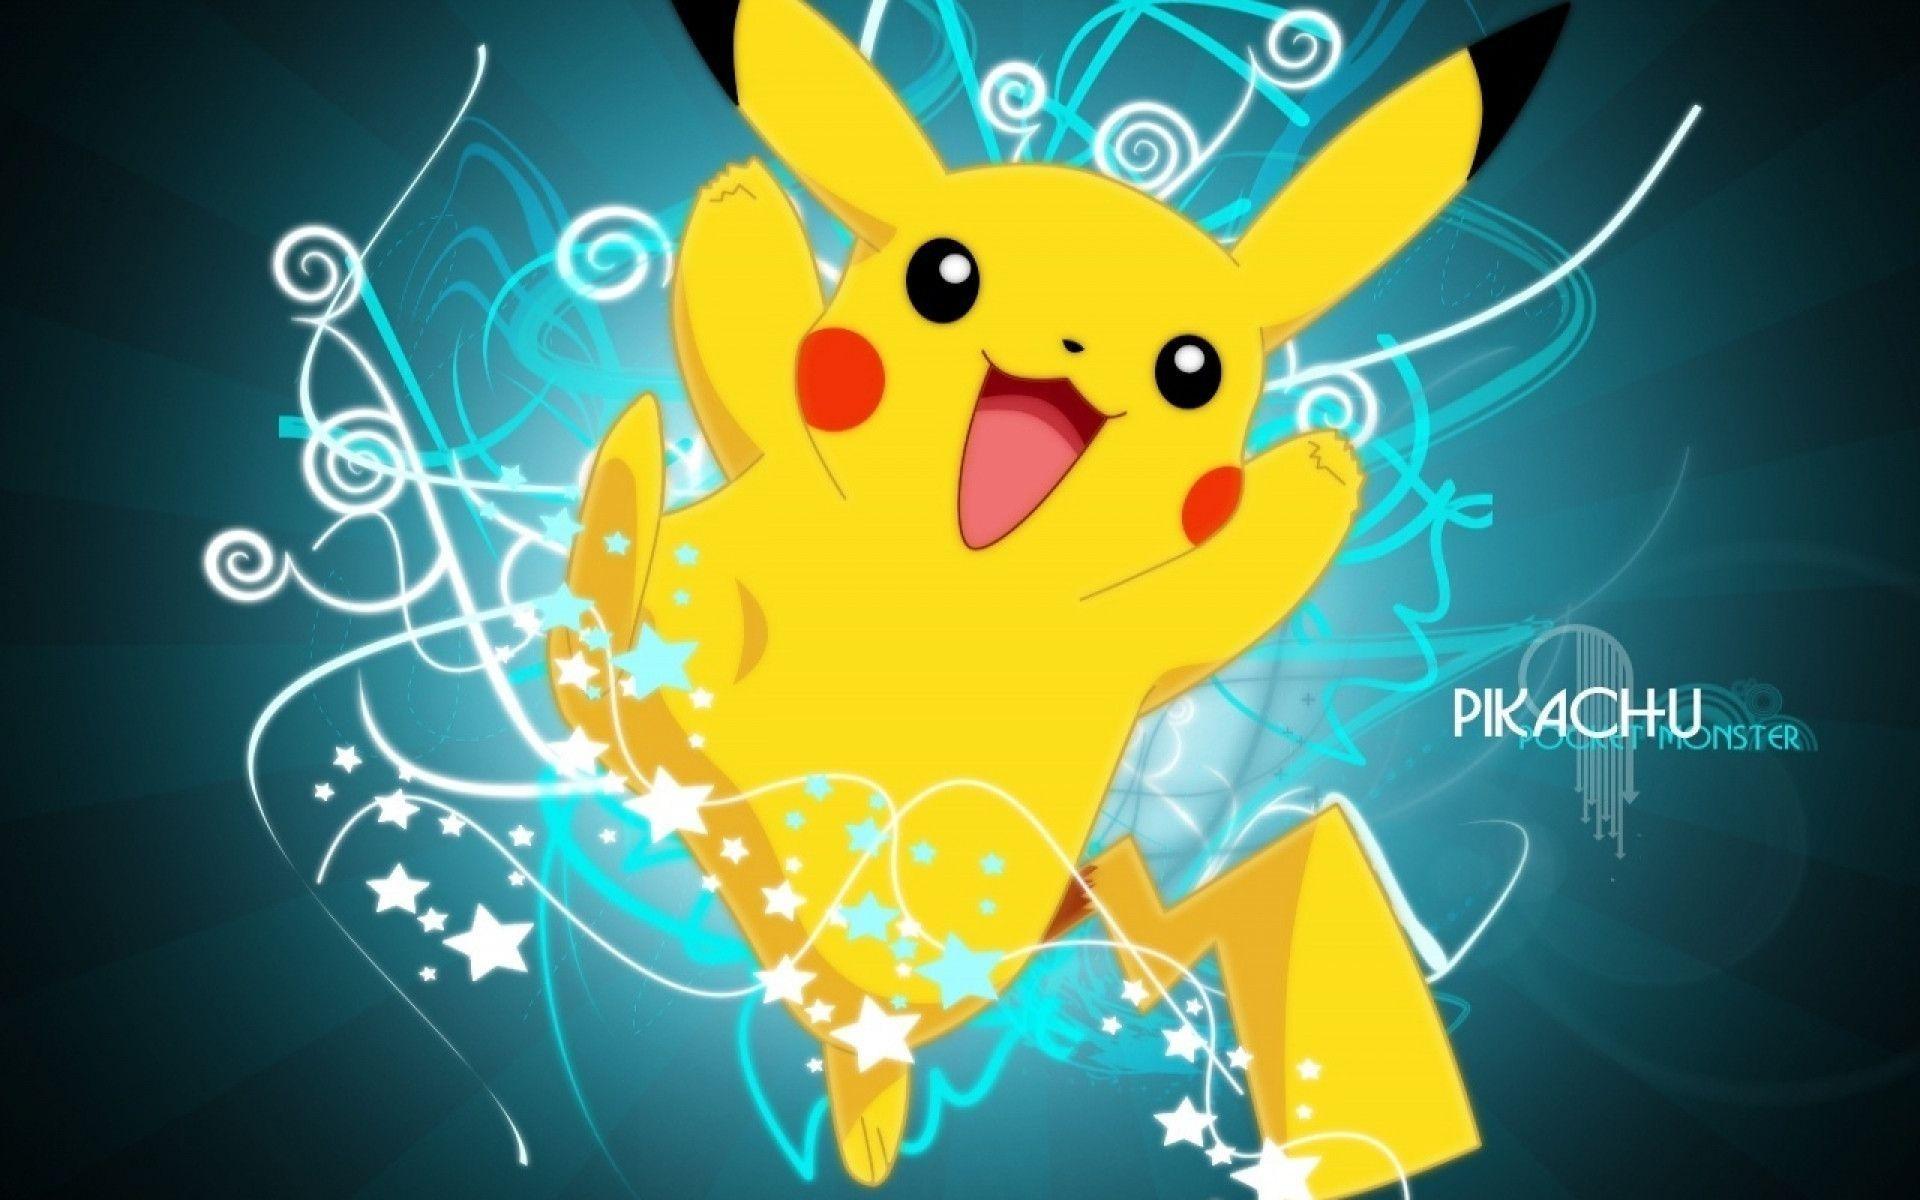 Pikachu Wallpapers for Computer – WallpaperSafari